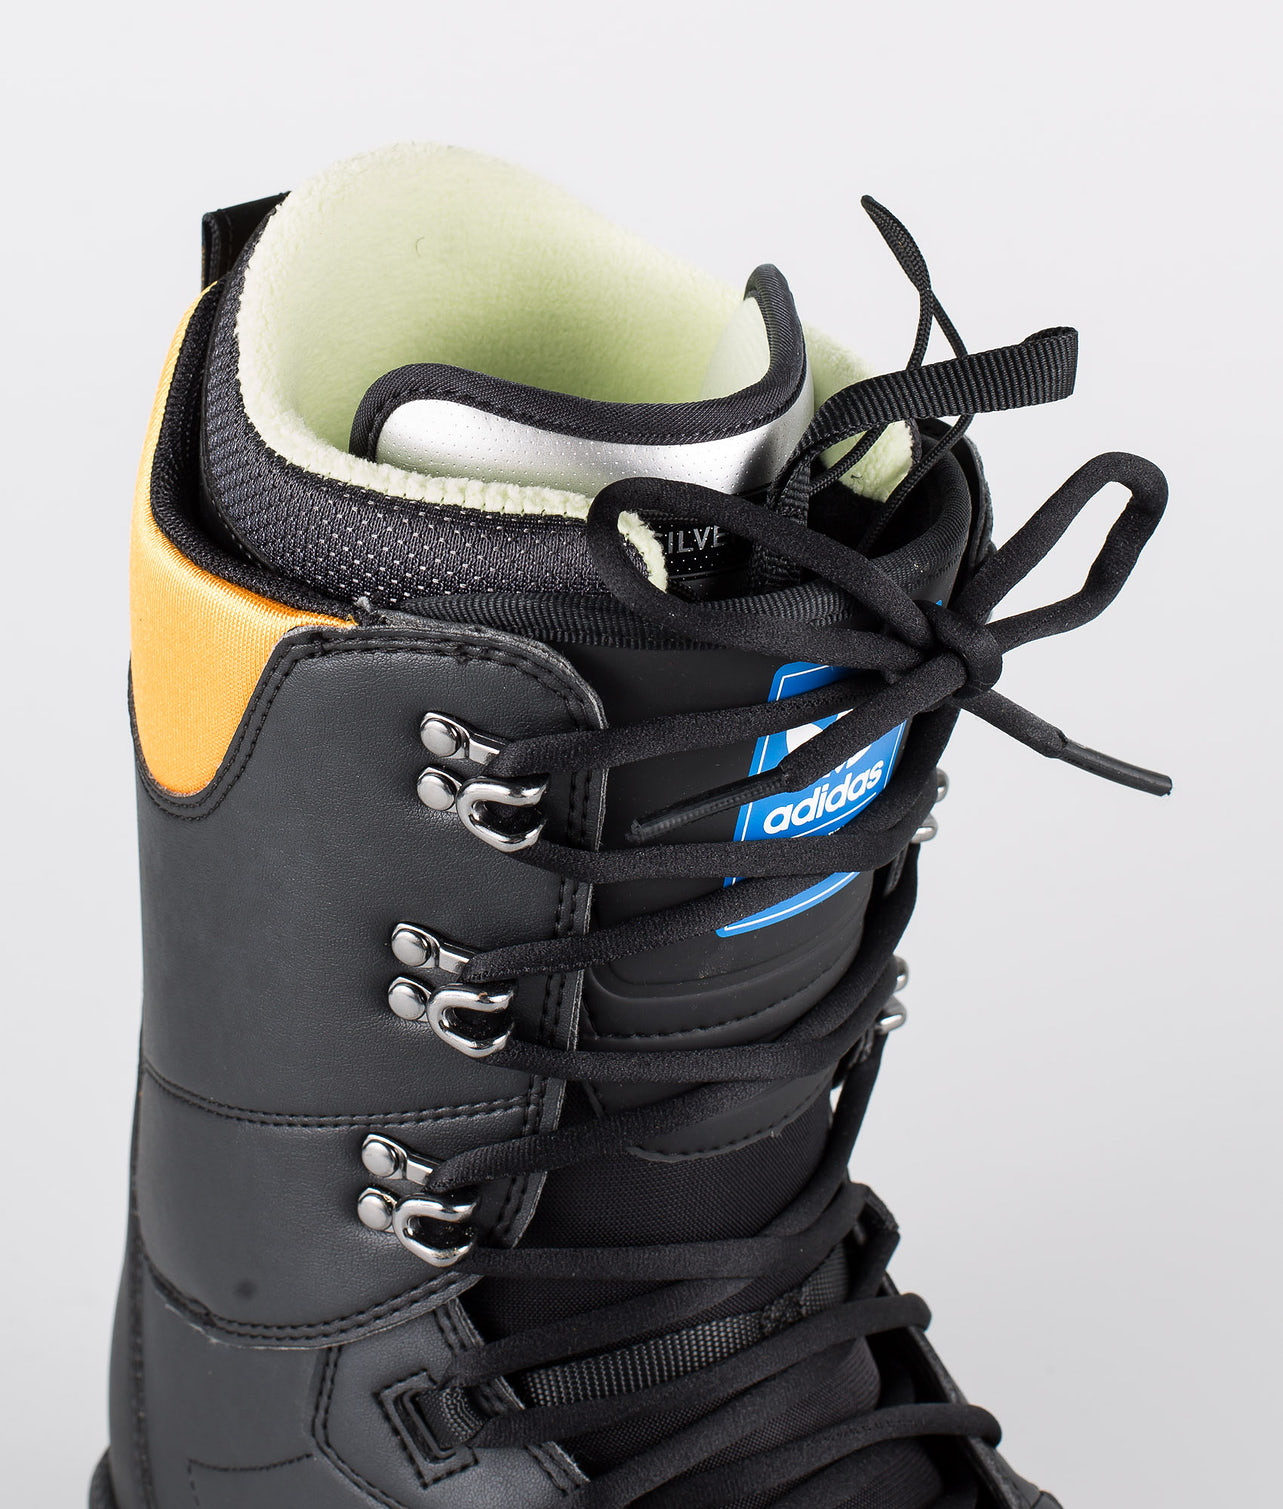 Kjøp Samba Adv Boots fra Adidas Snowboarding på Ridestore.no - Hos oss har du alltid fri frakt, fri retur og 30 dagers åpent kjøp!